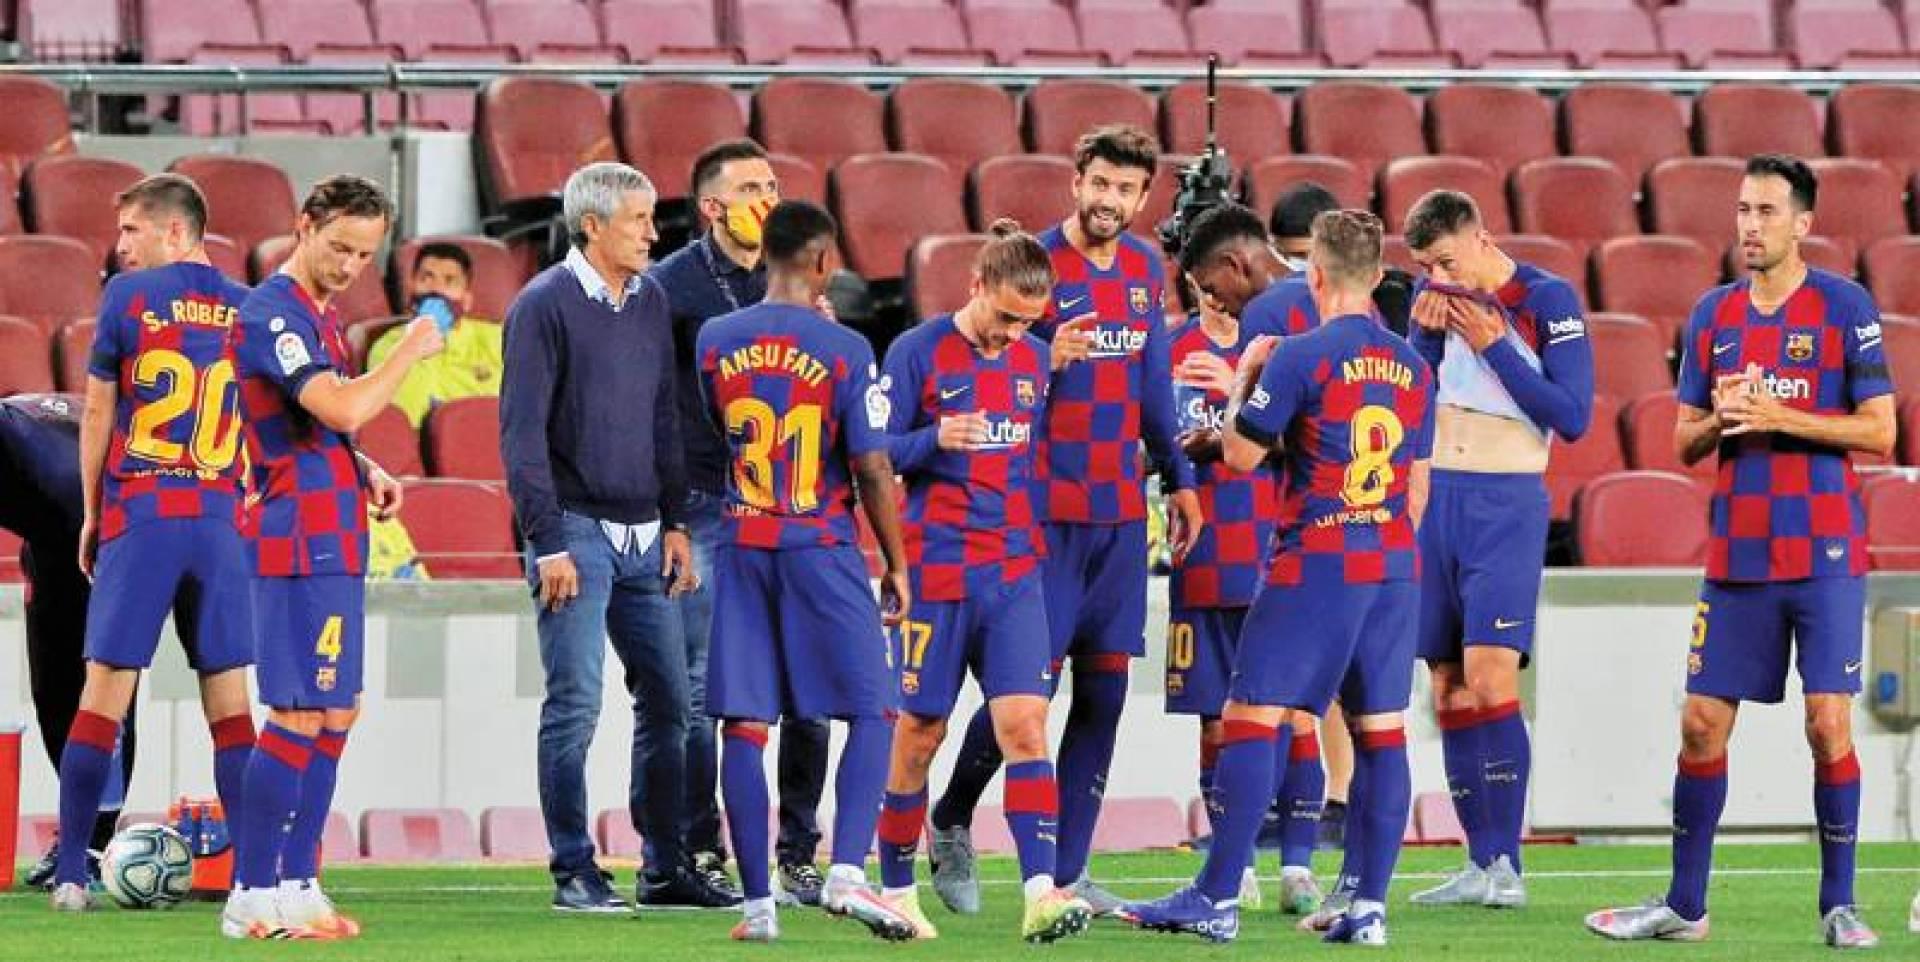 سيتين لا يحظى بالإجماع داخل النادي الكتالوني (رويترز)